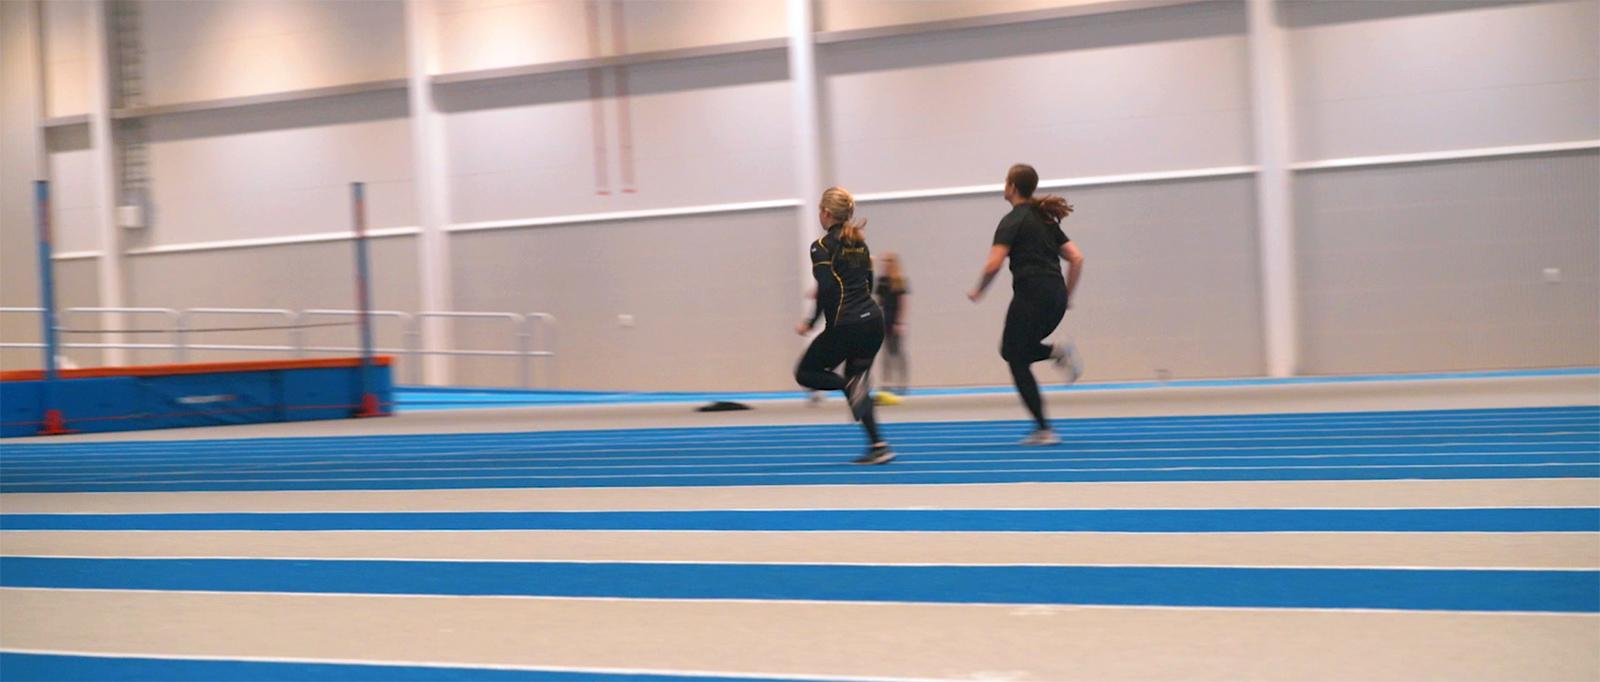 Florahallen - Skellefteå Florahallen - Skellefteå idrottshall friidrottshall sportgolv löparbana läktarsystem unisport